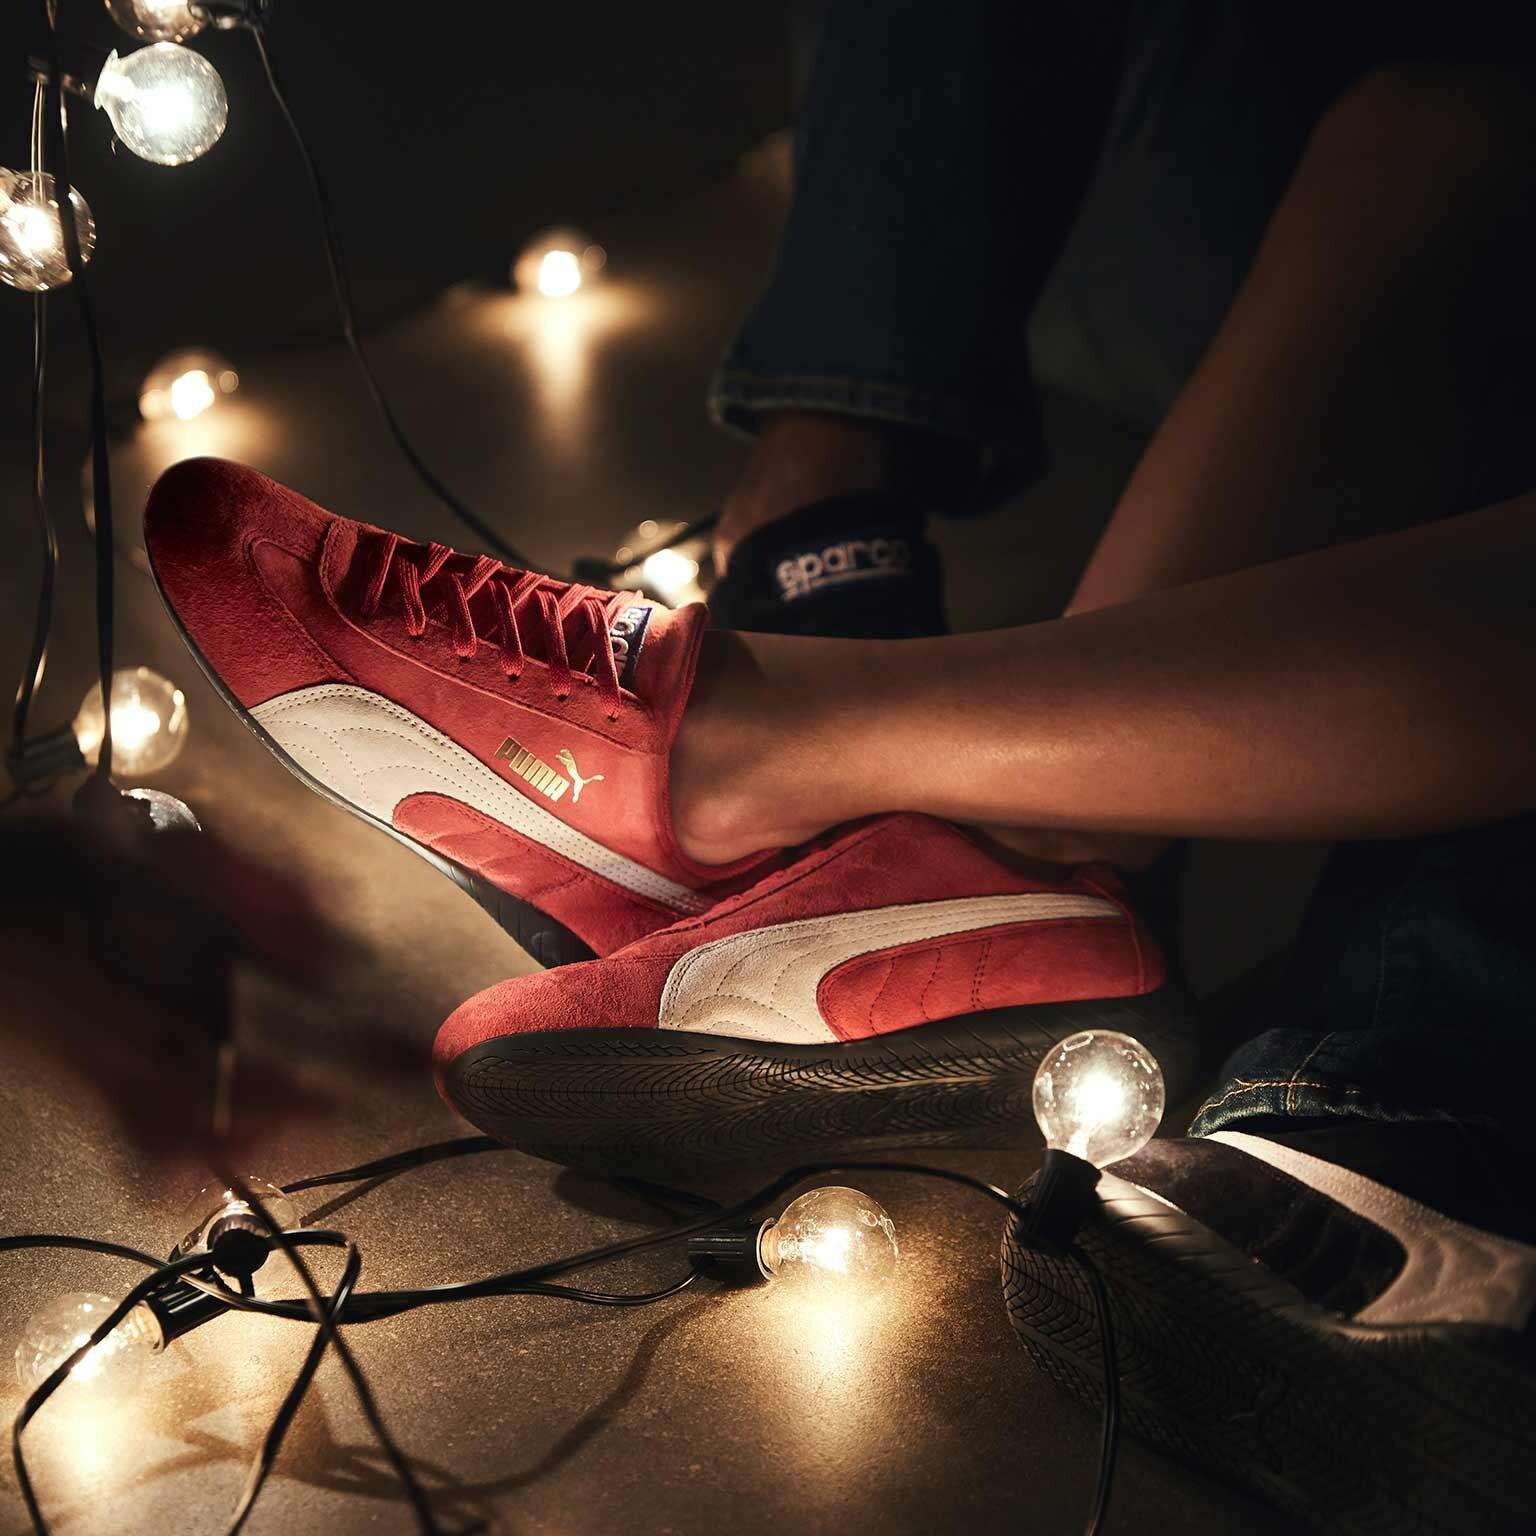 プーマのモータースポーツコレクションのクラシックアイテムであるスピードキャットとSPARCOのコラボレーション。真っ赤なアッパーが目を惹く、人気商品です。